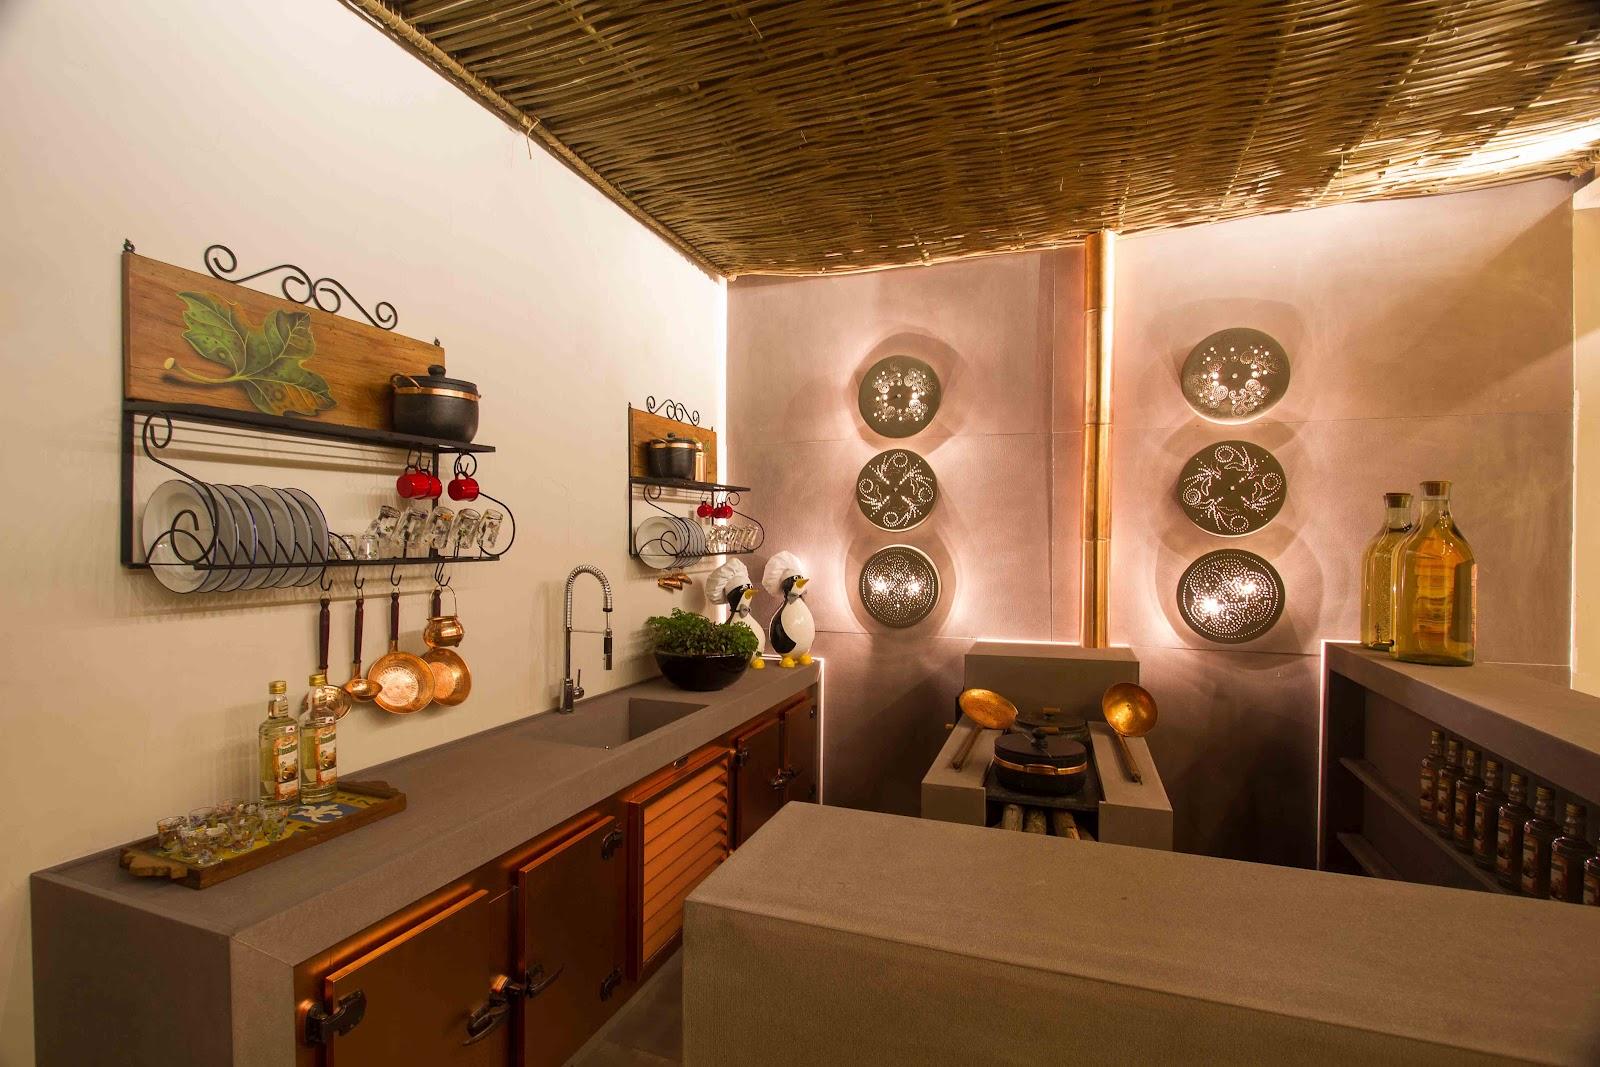 Mãos de Minas apresenta projeto de uma cozinha mineira sofisticada. #C88303 1600 1067